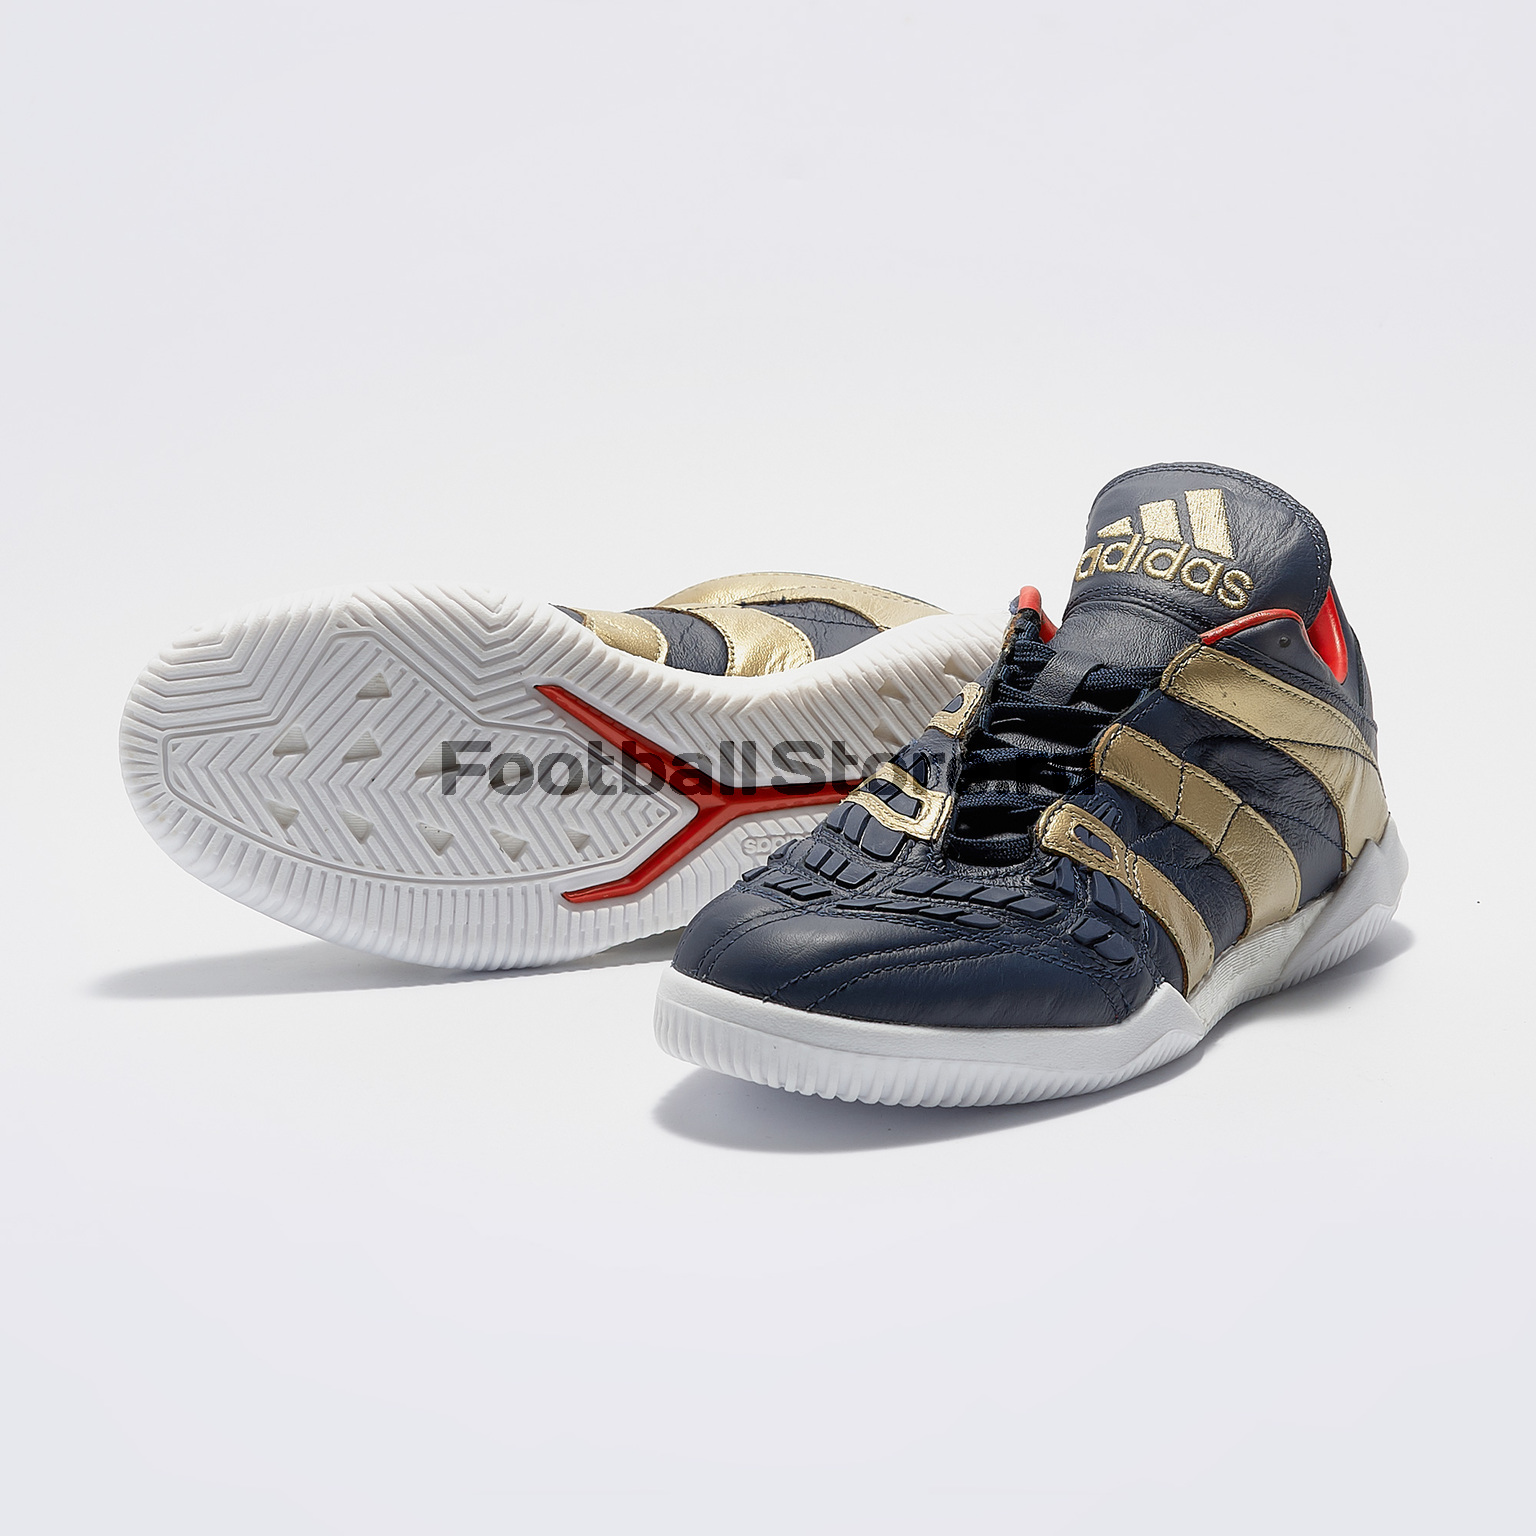 Футбольная обувь Adidas Predator Accelerator Zinedine Zidane TR F37095